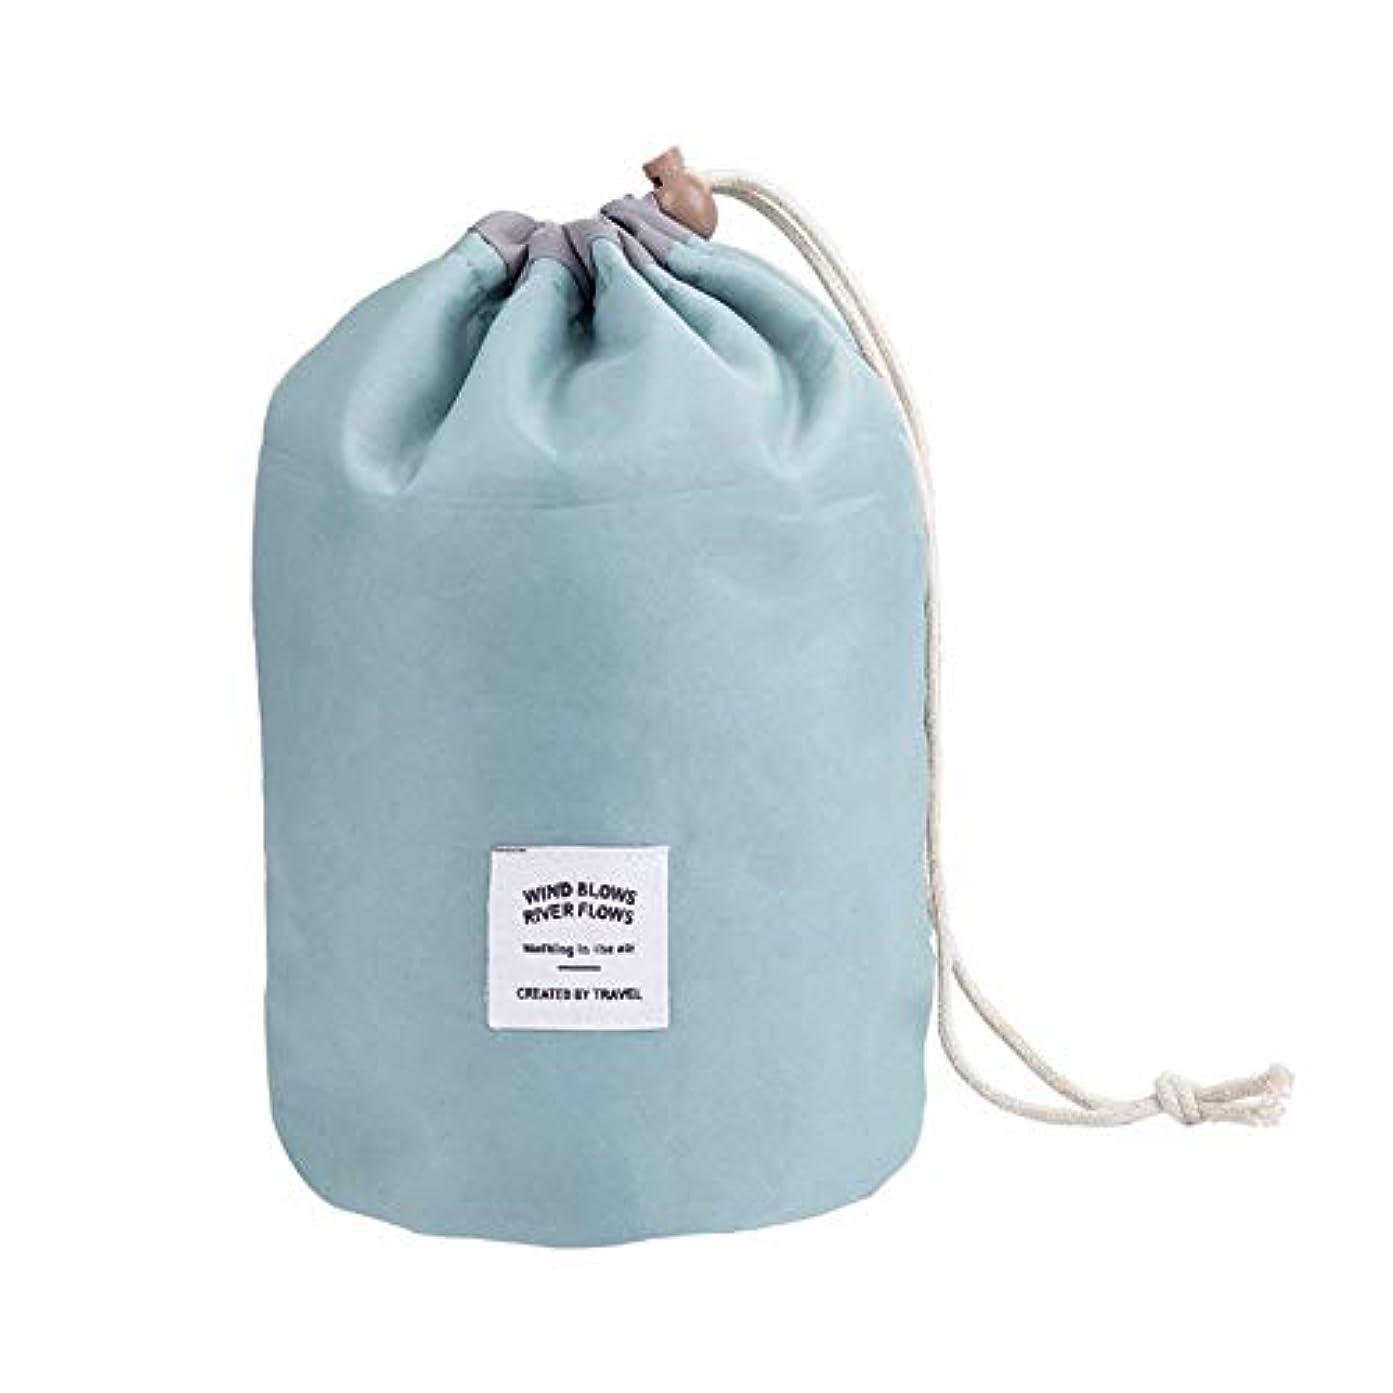 逃す呼び出す許可化粧オーガナイザーバッグ ポータブル防水旅行コスメティックバッグトラベルセットストレージバッグバスルームストレージ巾着化粧品バッグポータブル 化粧品ケース (色 : 緑)